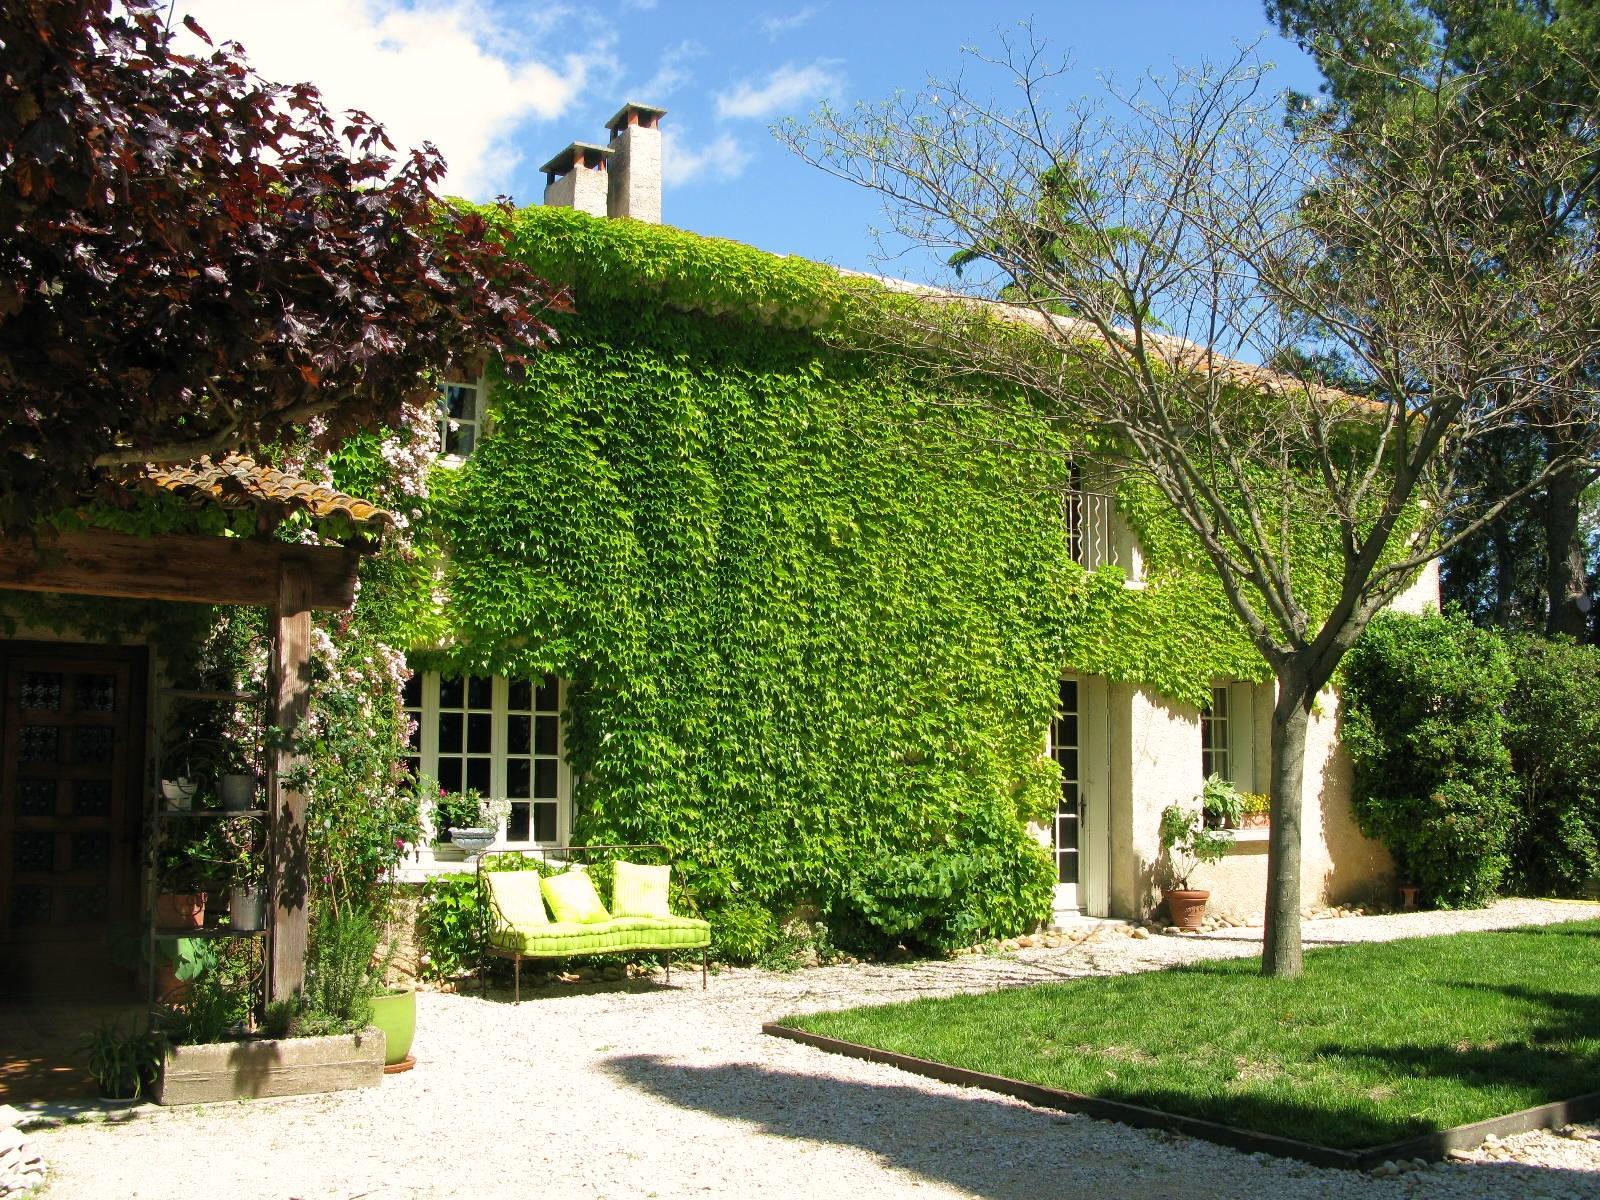 Tourisme rural Languedoc Roussillon Gites en Languedoc Roussillon